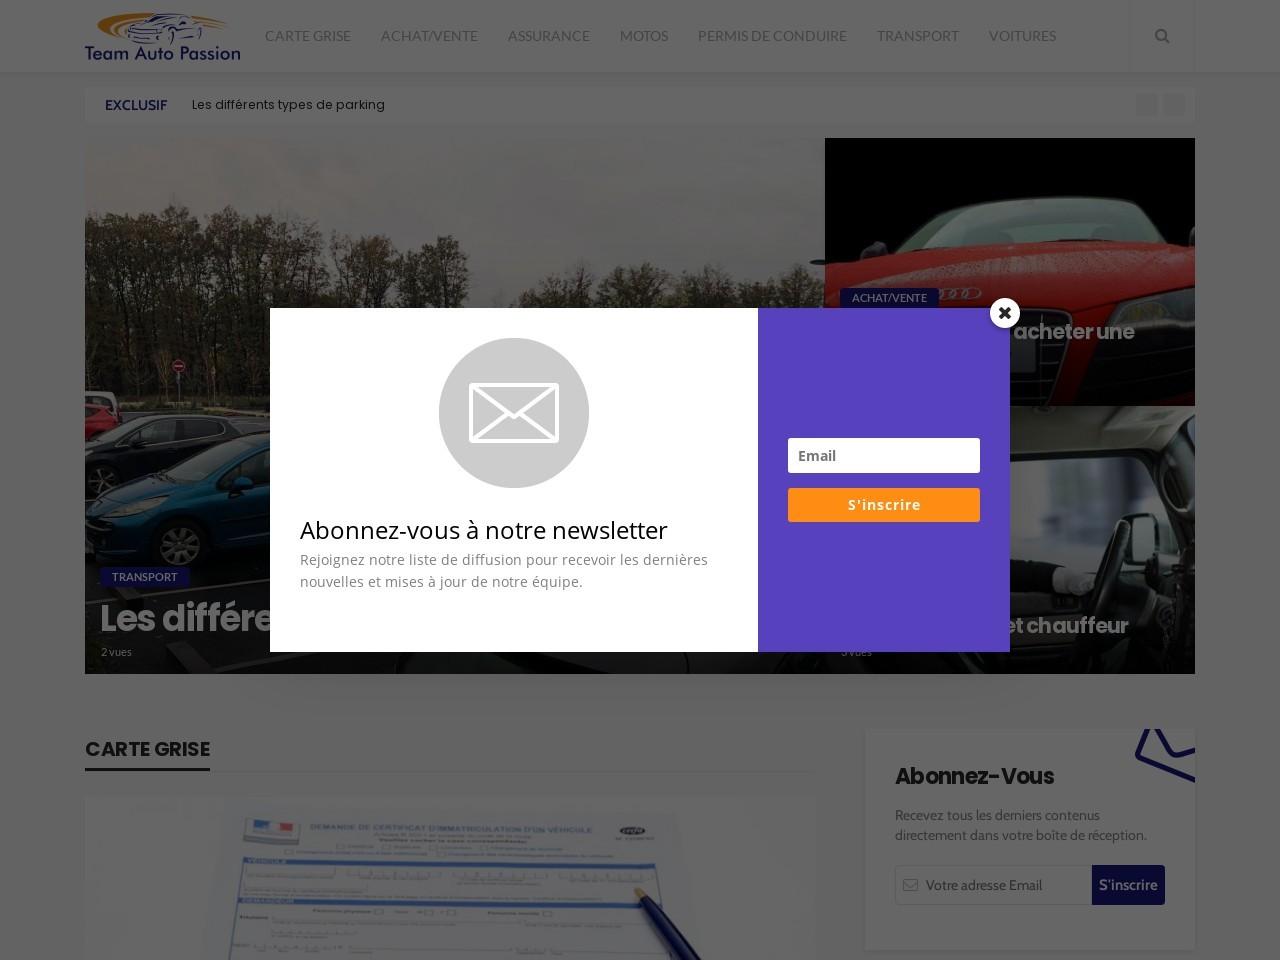 team-auto-passion.com